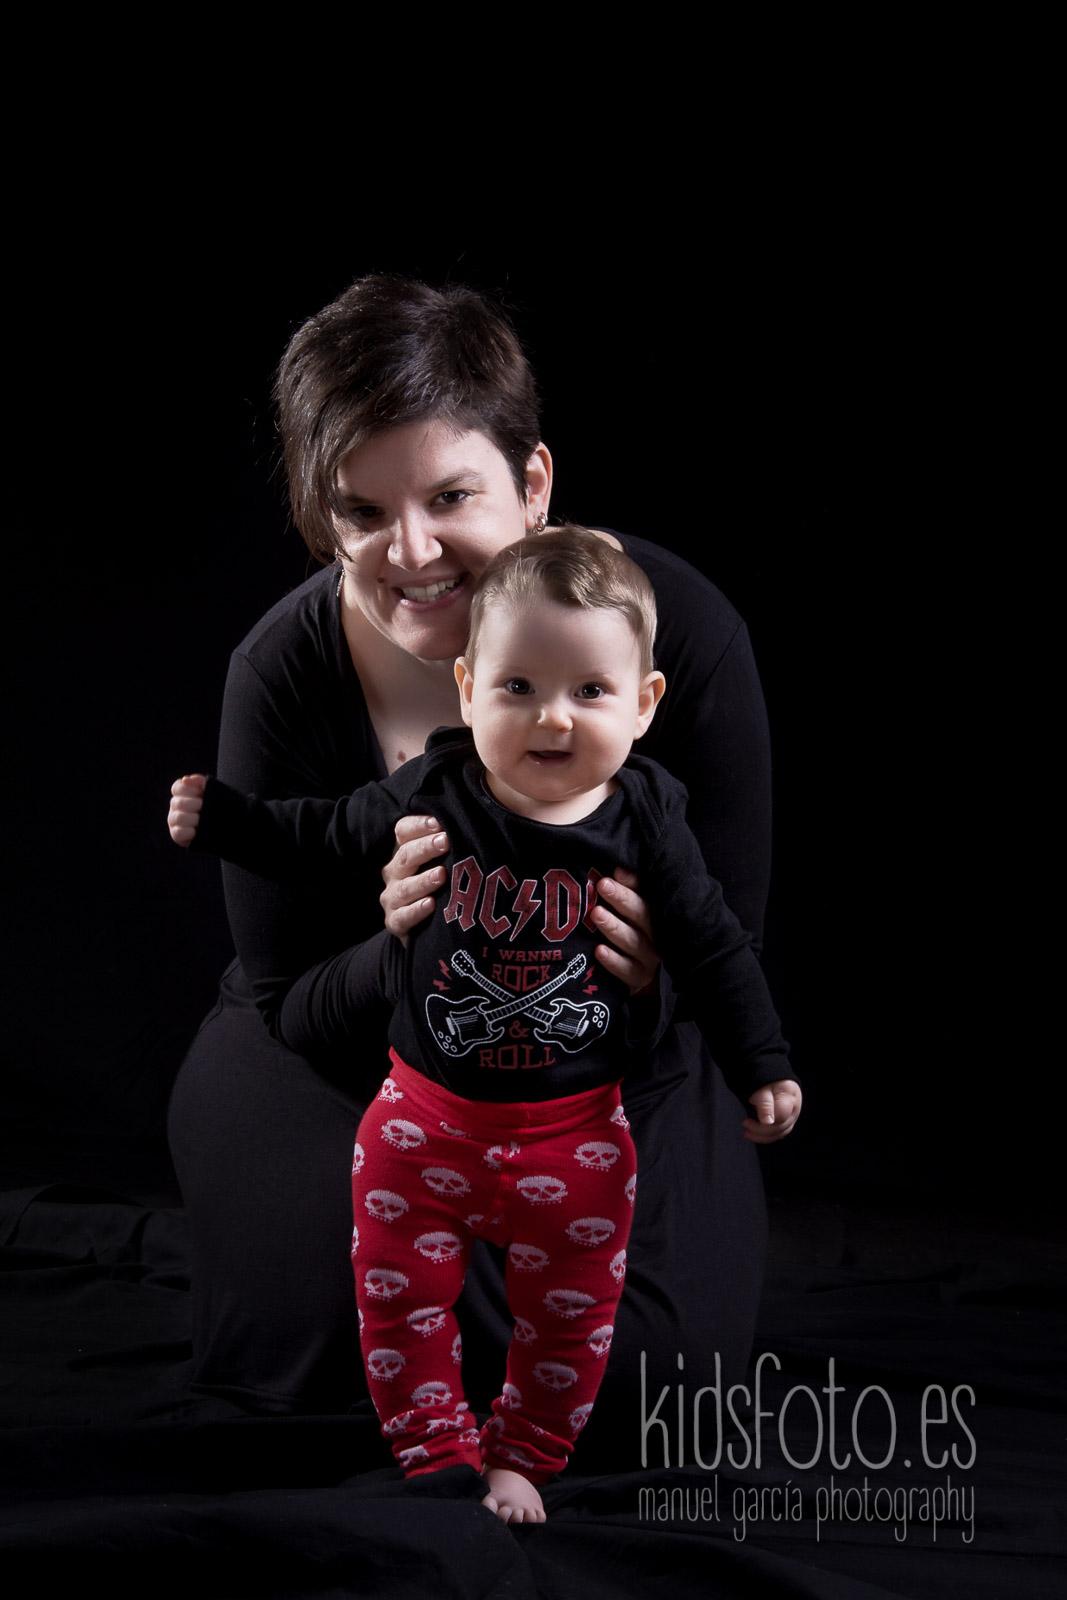 kidsfoto.es Fotografía de bebés, vikingos y valquirias en Zaragoza mascotas en zaragoza fotografo de niños fotografia niños zaragoza fotografía infantil fotografía familiar fotografía bebé felicidad familia estudio bebé